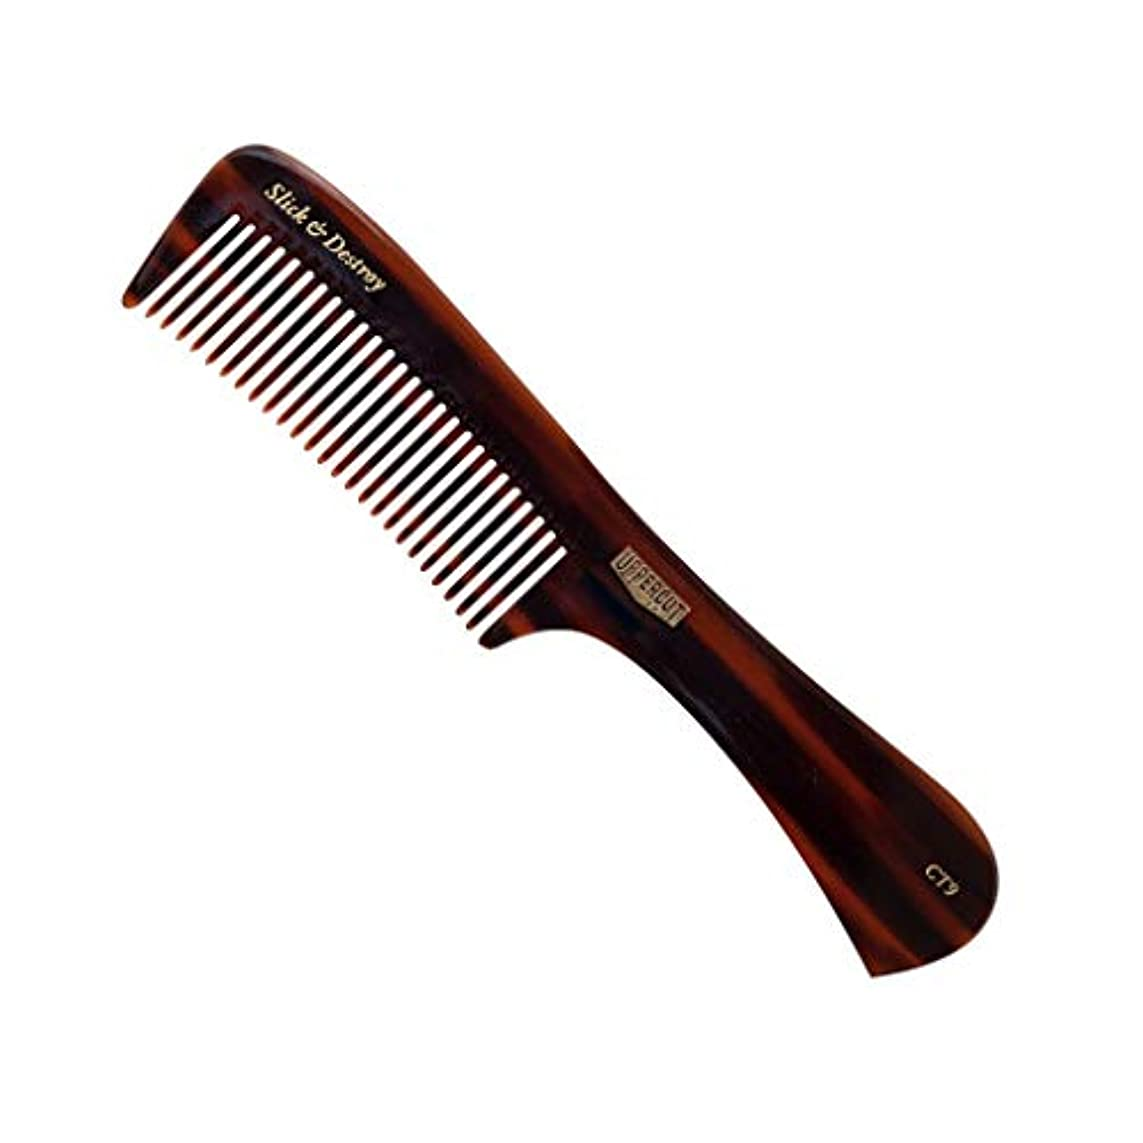 上昇終了する人気のUppercut Deluxe CT9 Styling Comb - # Tortoise Shell Brown 1pc [並行輸入品]